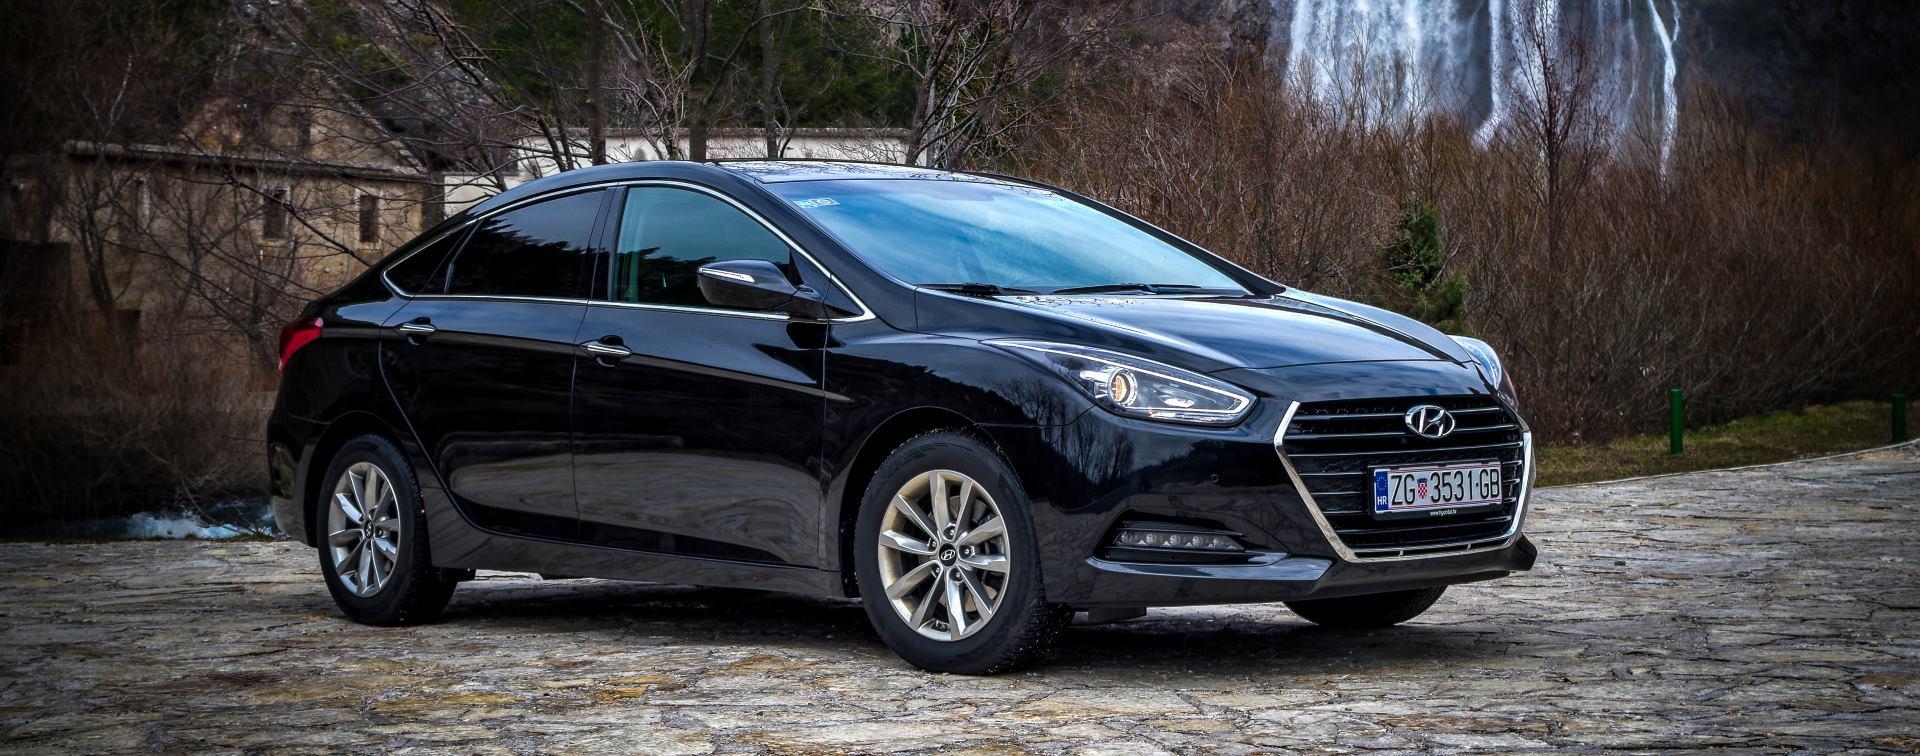 Hyundai i40: Best Buy srednje klase